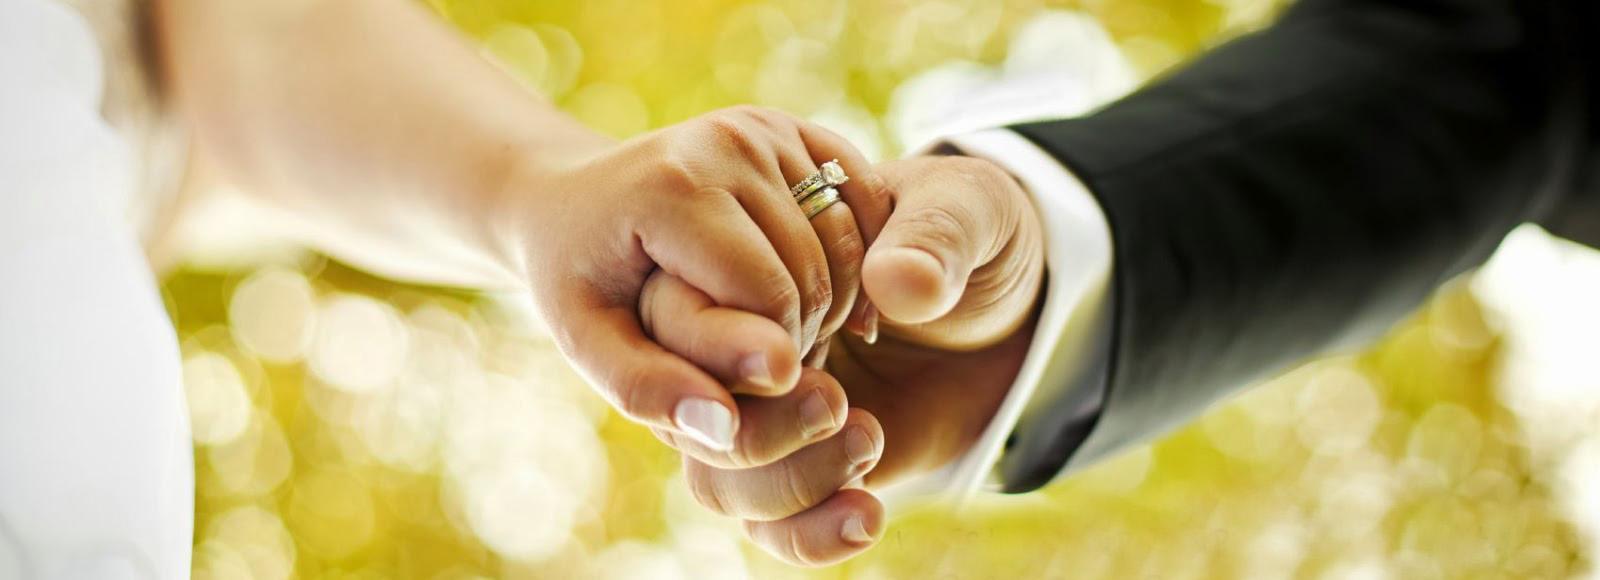 +Avala+Senado+derogar+plazo+para+que+mujeres+puedan+contraer+nuevo+matrimonio+